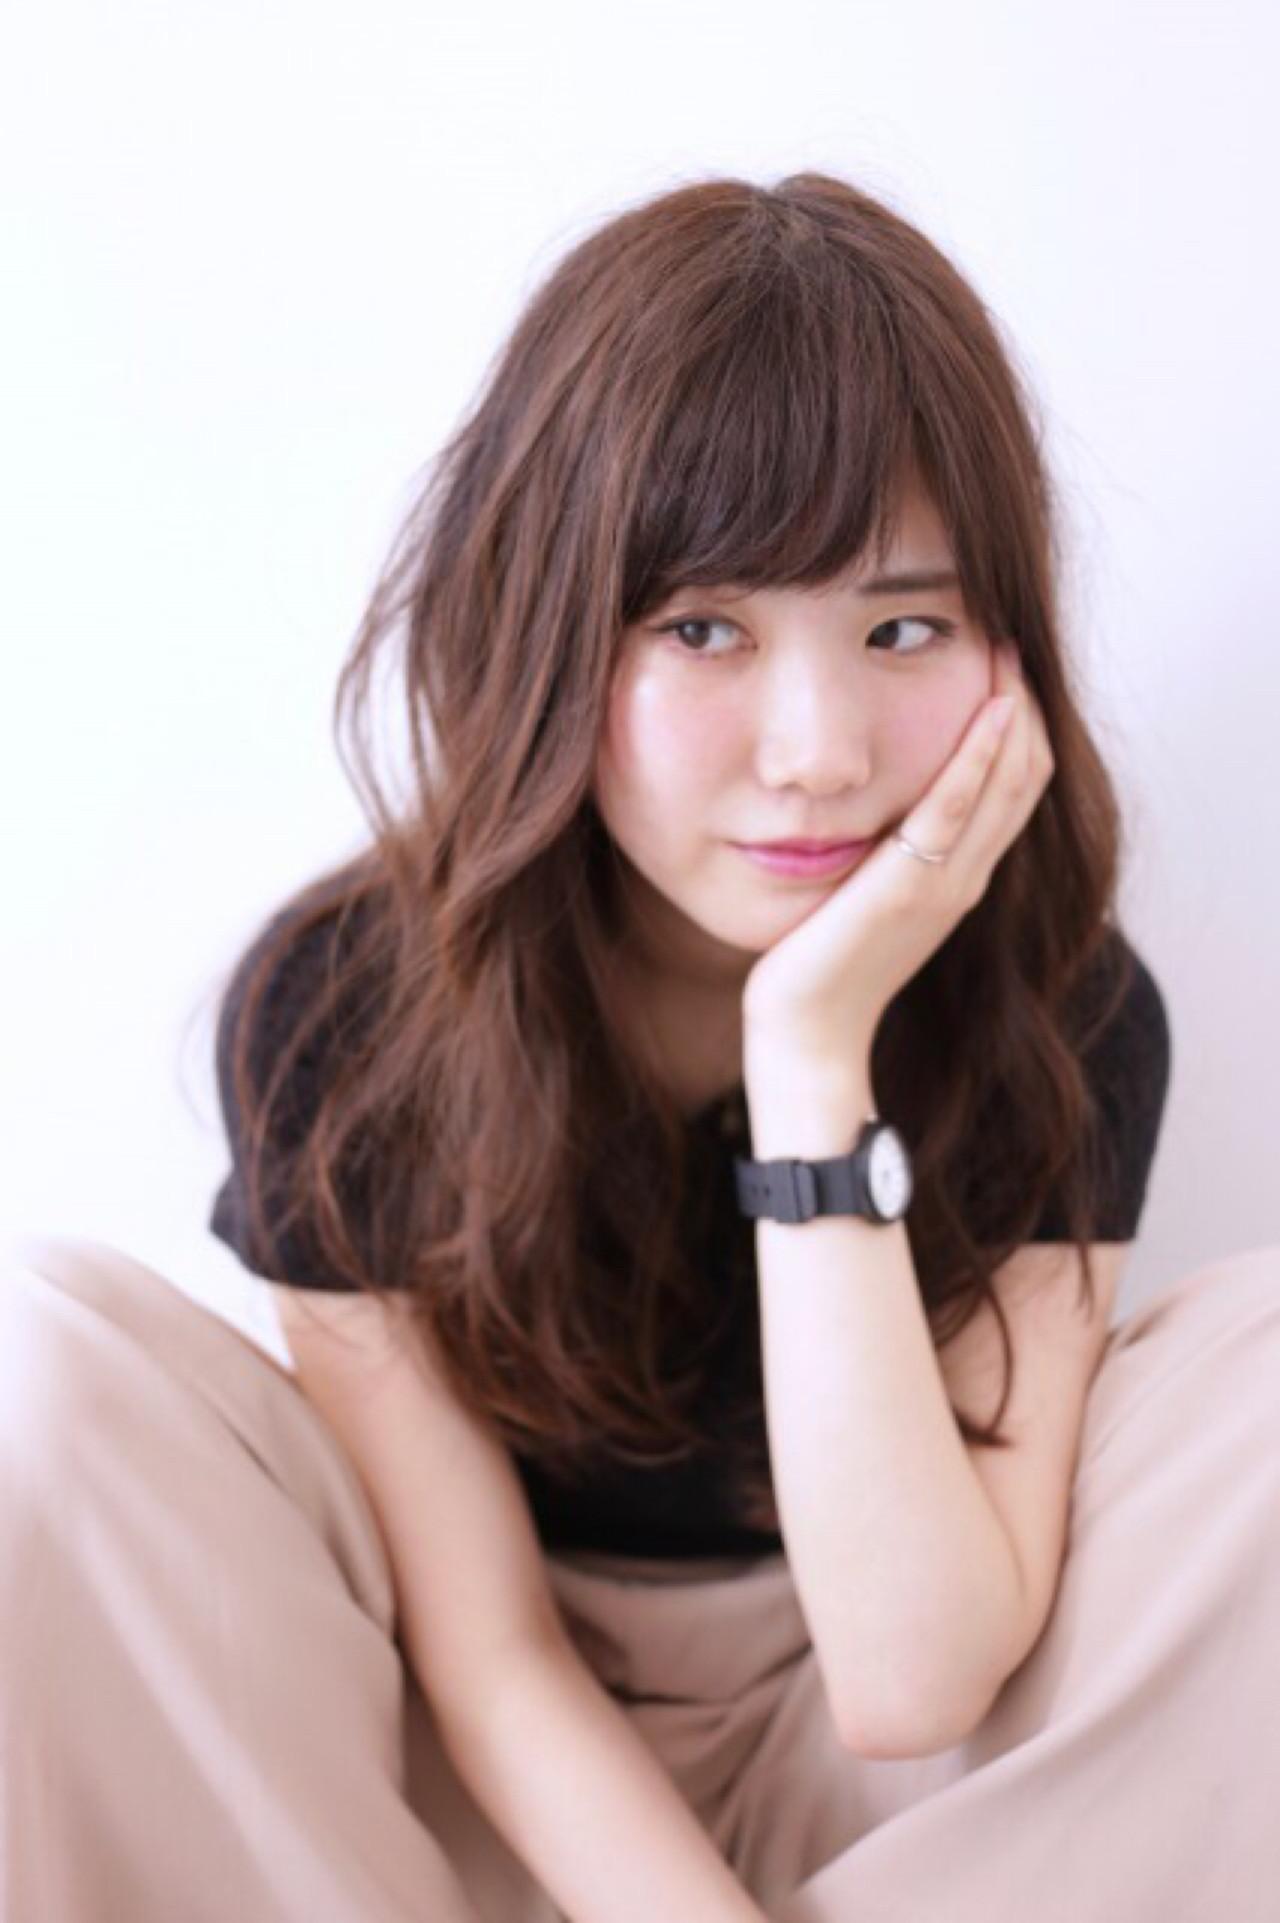 ナチュラル かわいい 無造作 フェミニン ヘアスタイルや髪型の写真・画像 | orso hair kuma / orso hair